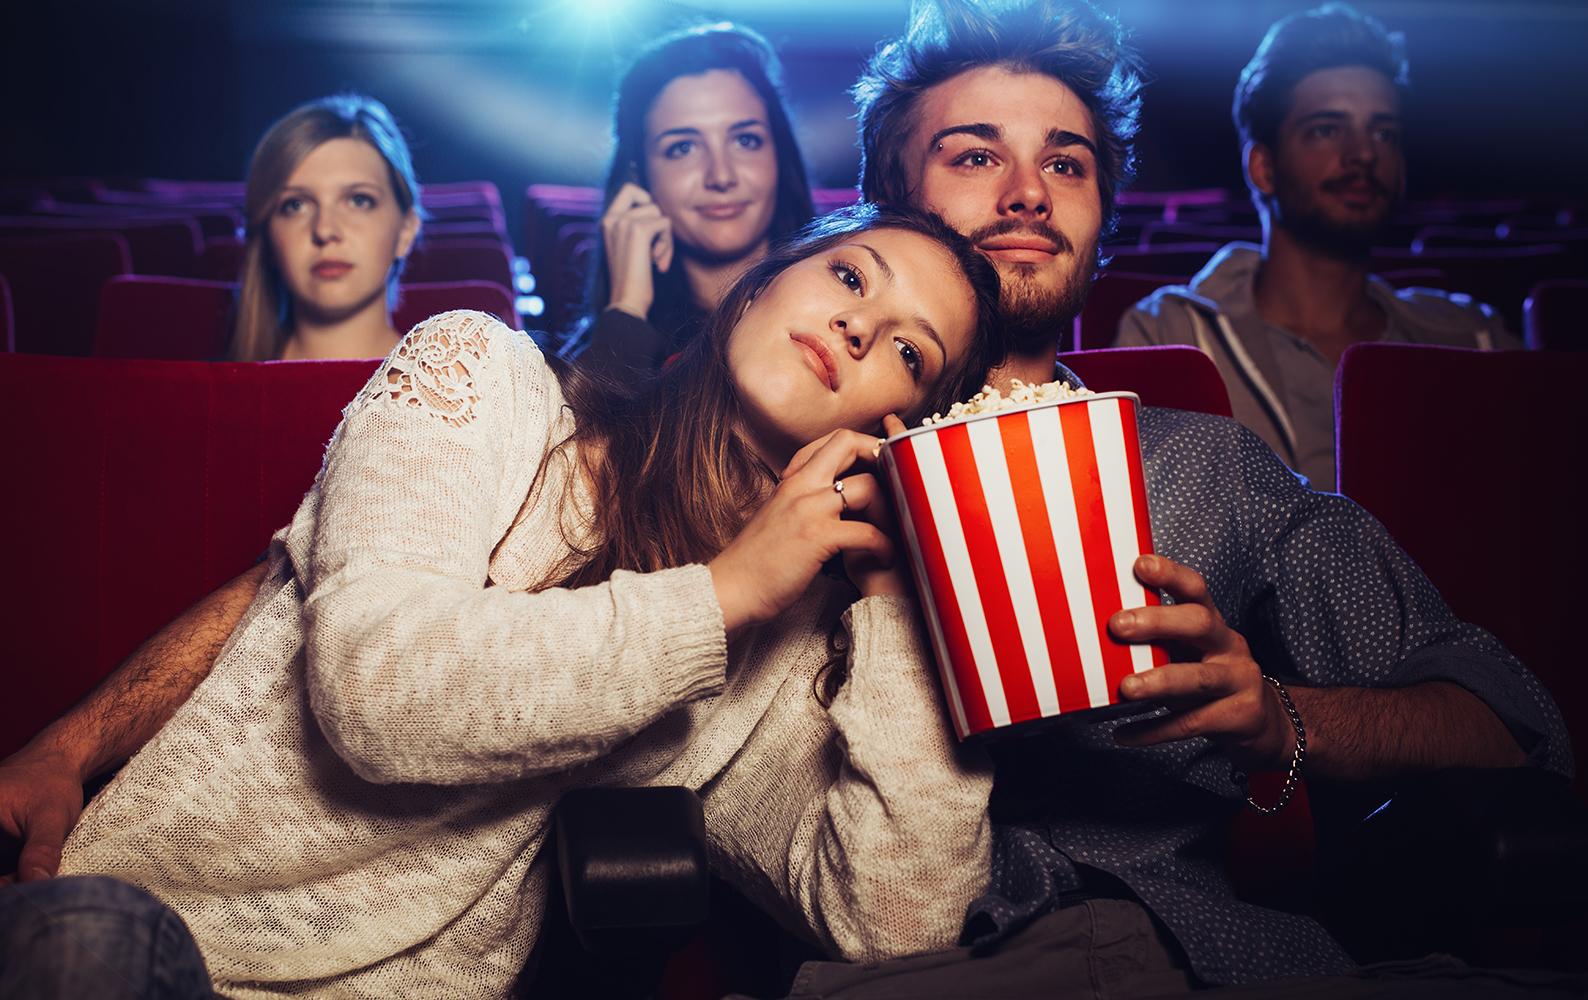 To Wasza kolejna randka? Zabierz ją do kina!